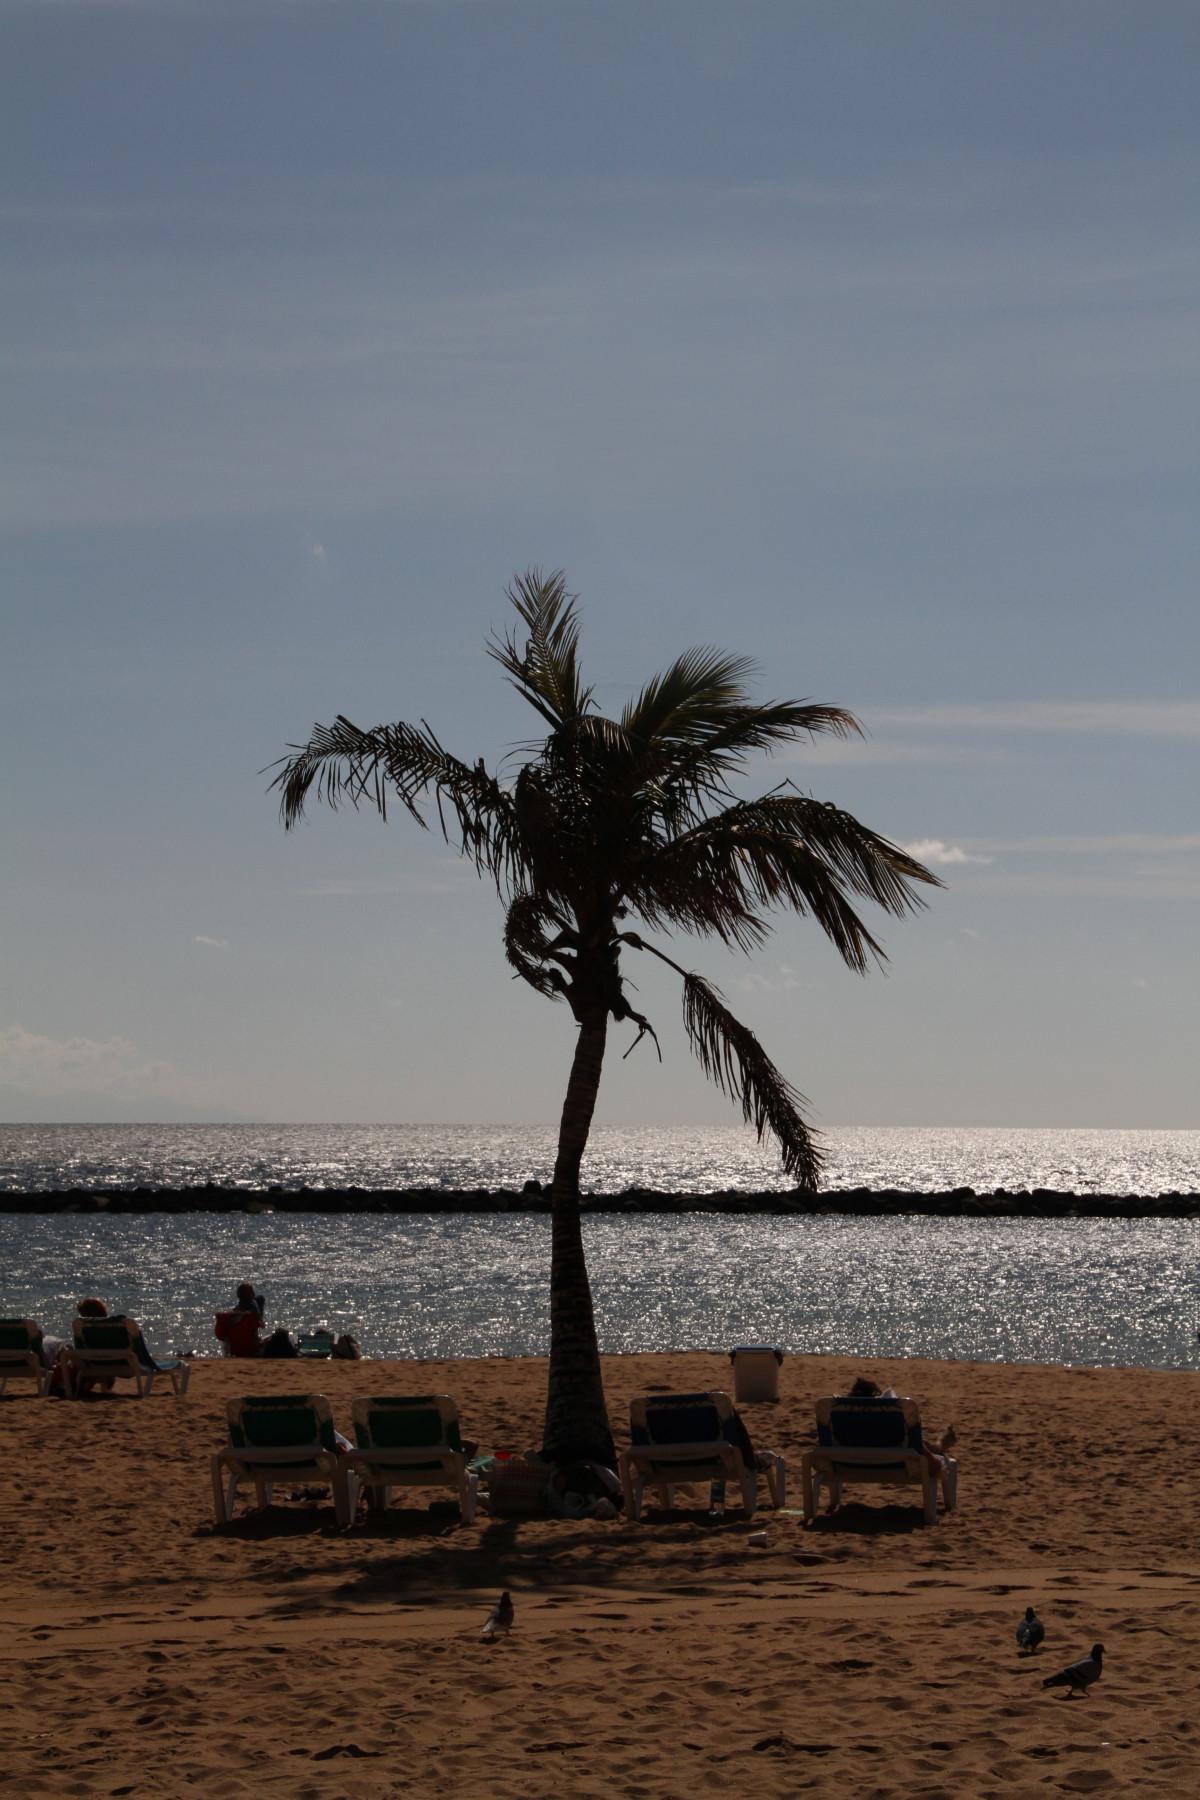 plage mer côte arbre le sable océan horizon plante ciel le coucher du soleil palmier rive vague vent crépuscule soir paume baie plan d'eau Tenerife Tropiques cap les îles Canaries Plante ligneuse Sont des échelles Famille de palmiers